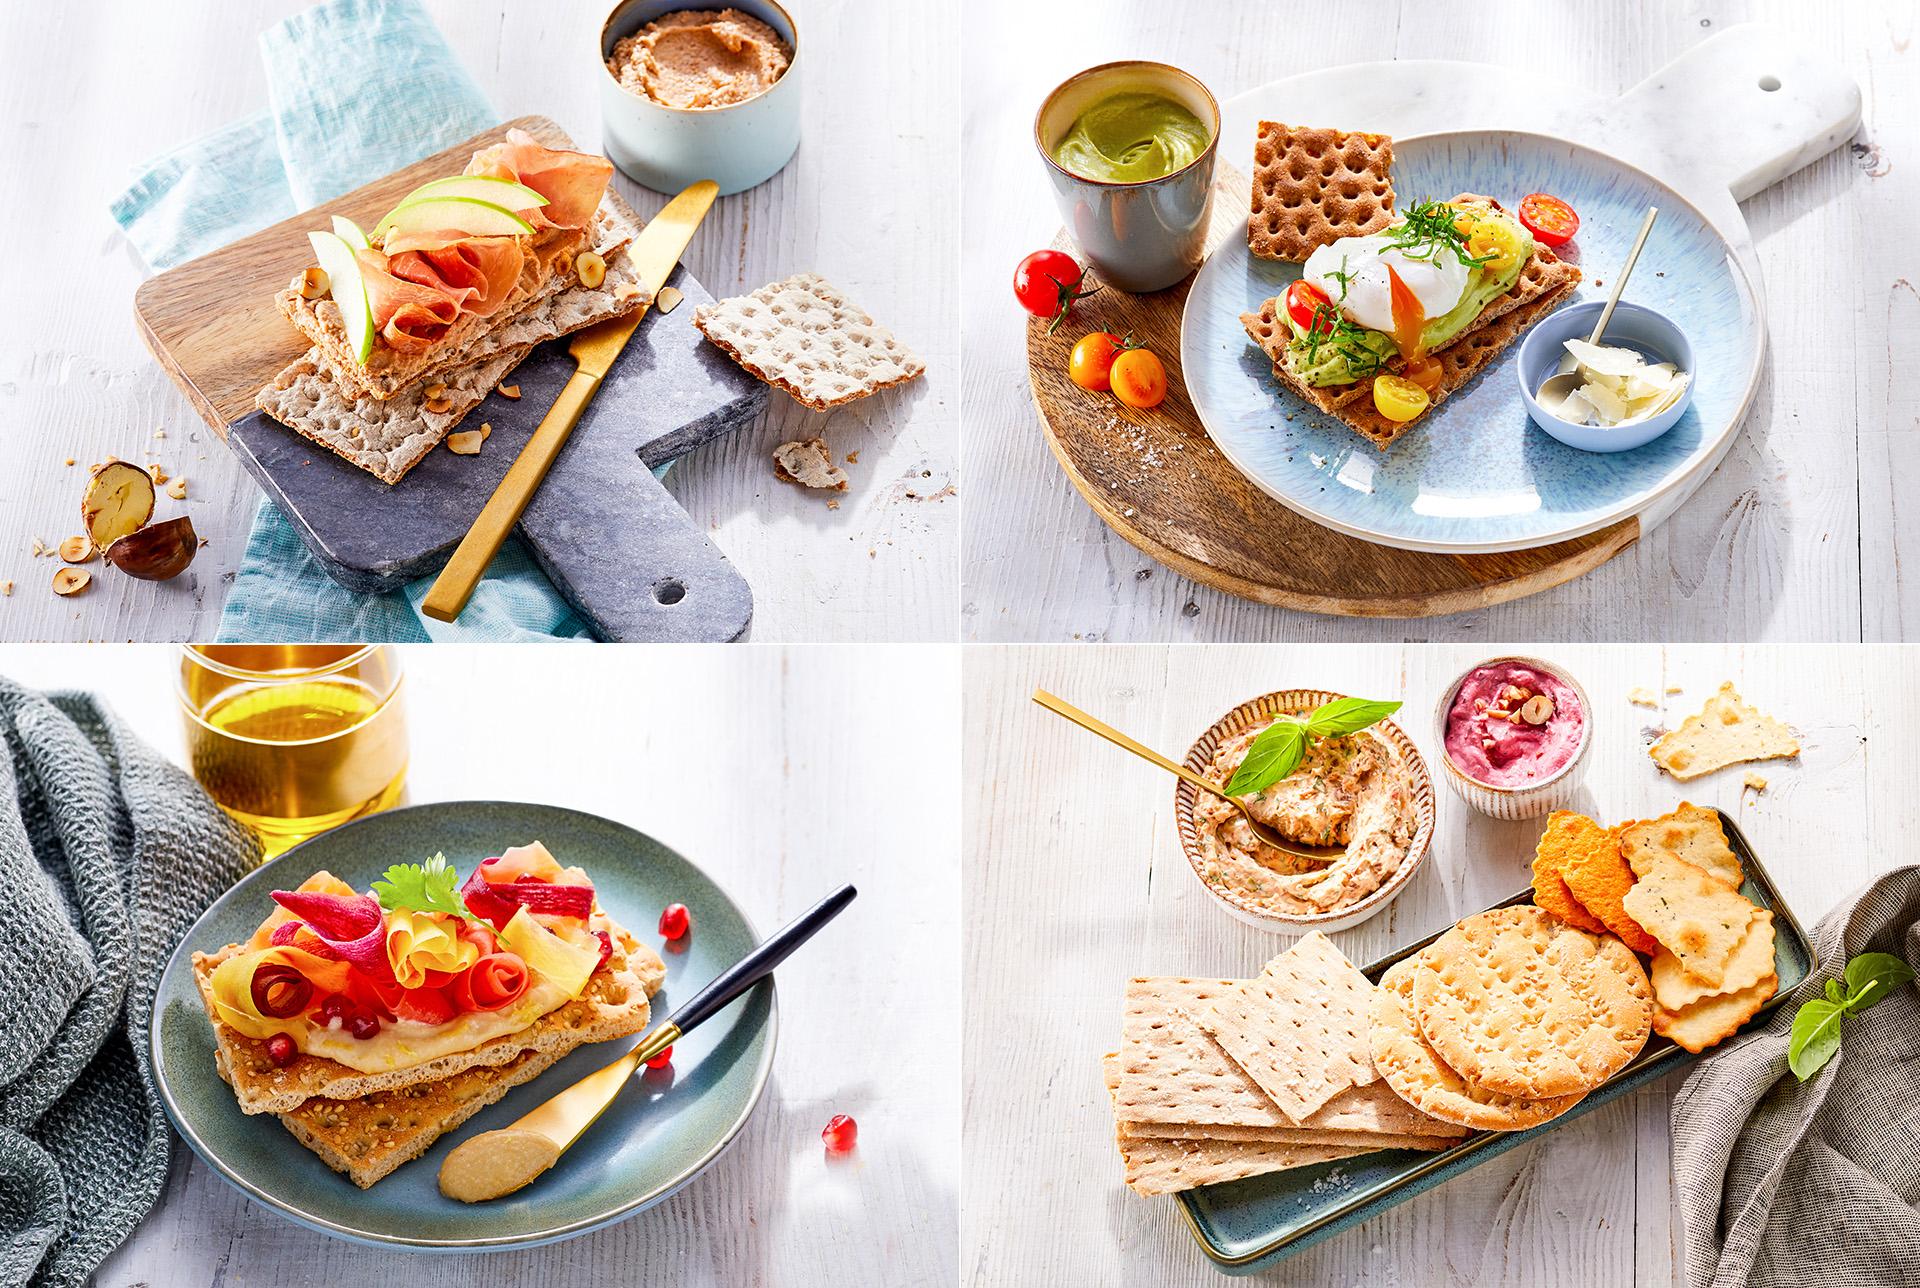 Wasa Knusperpost 2019 Fotografie Katrin Winner Food und Still life Muenchen